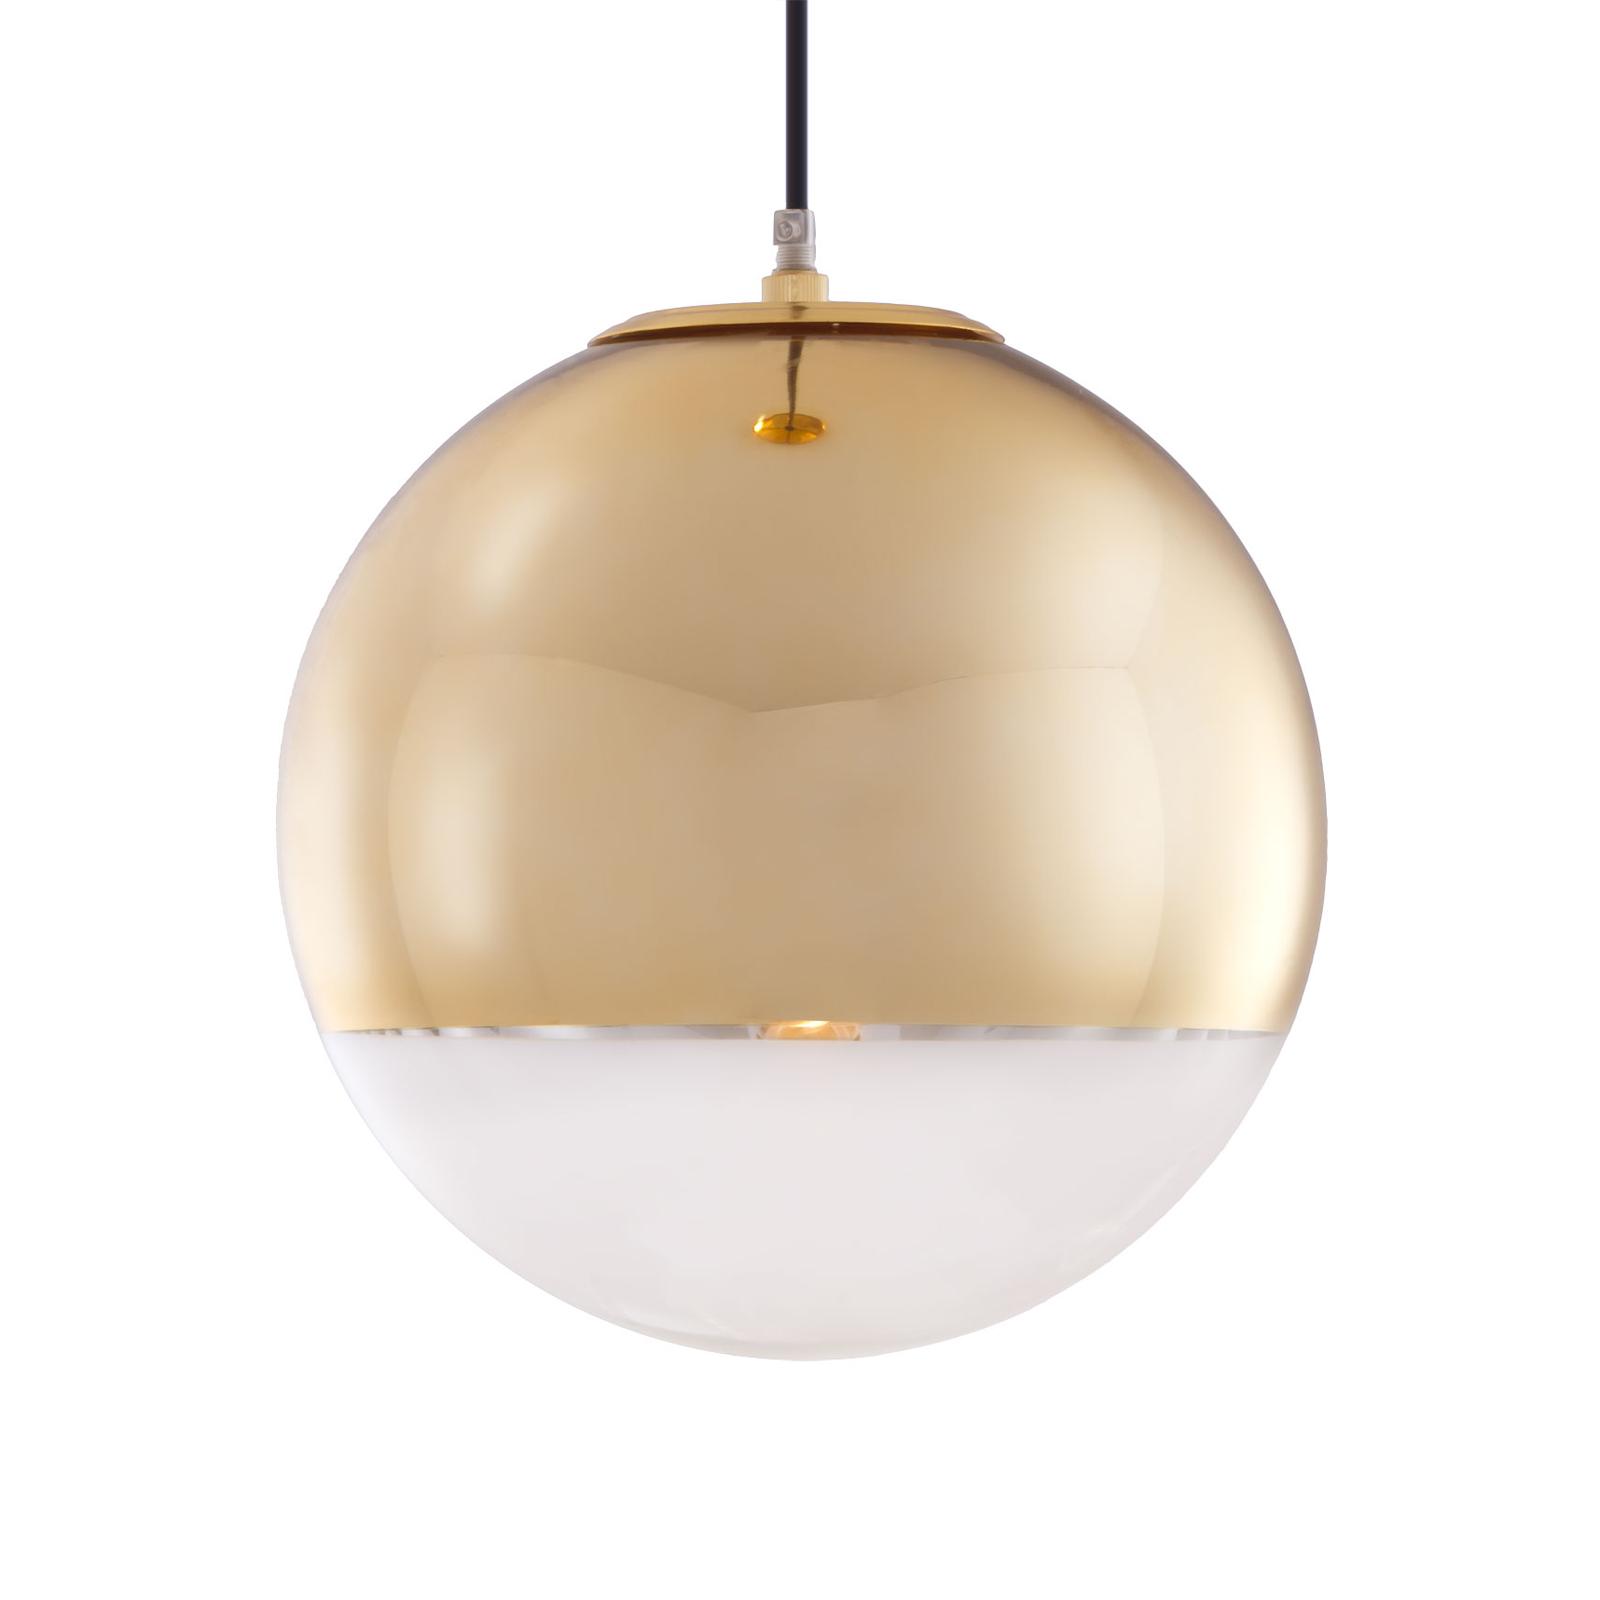 sphere lamp photo - 1